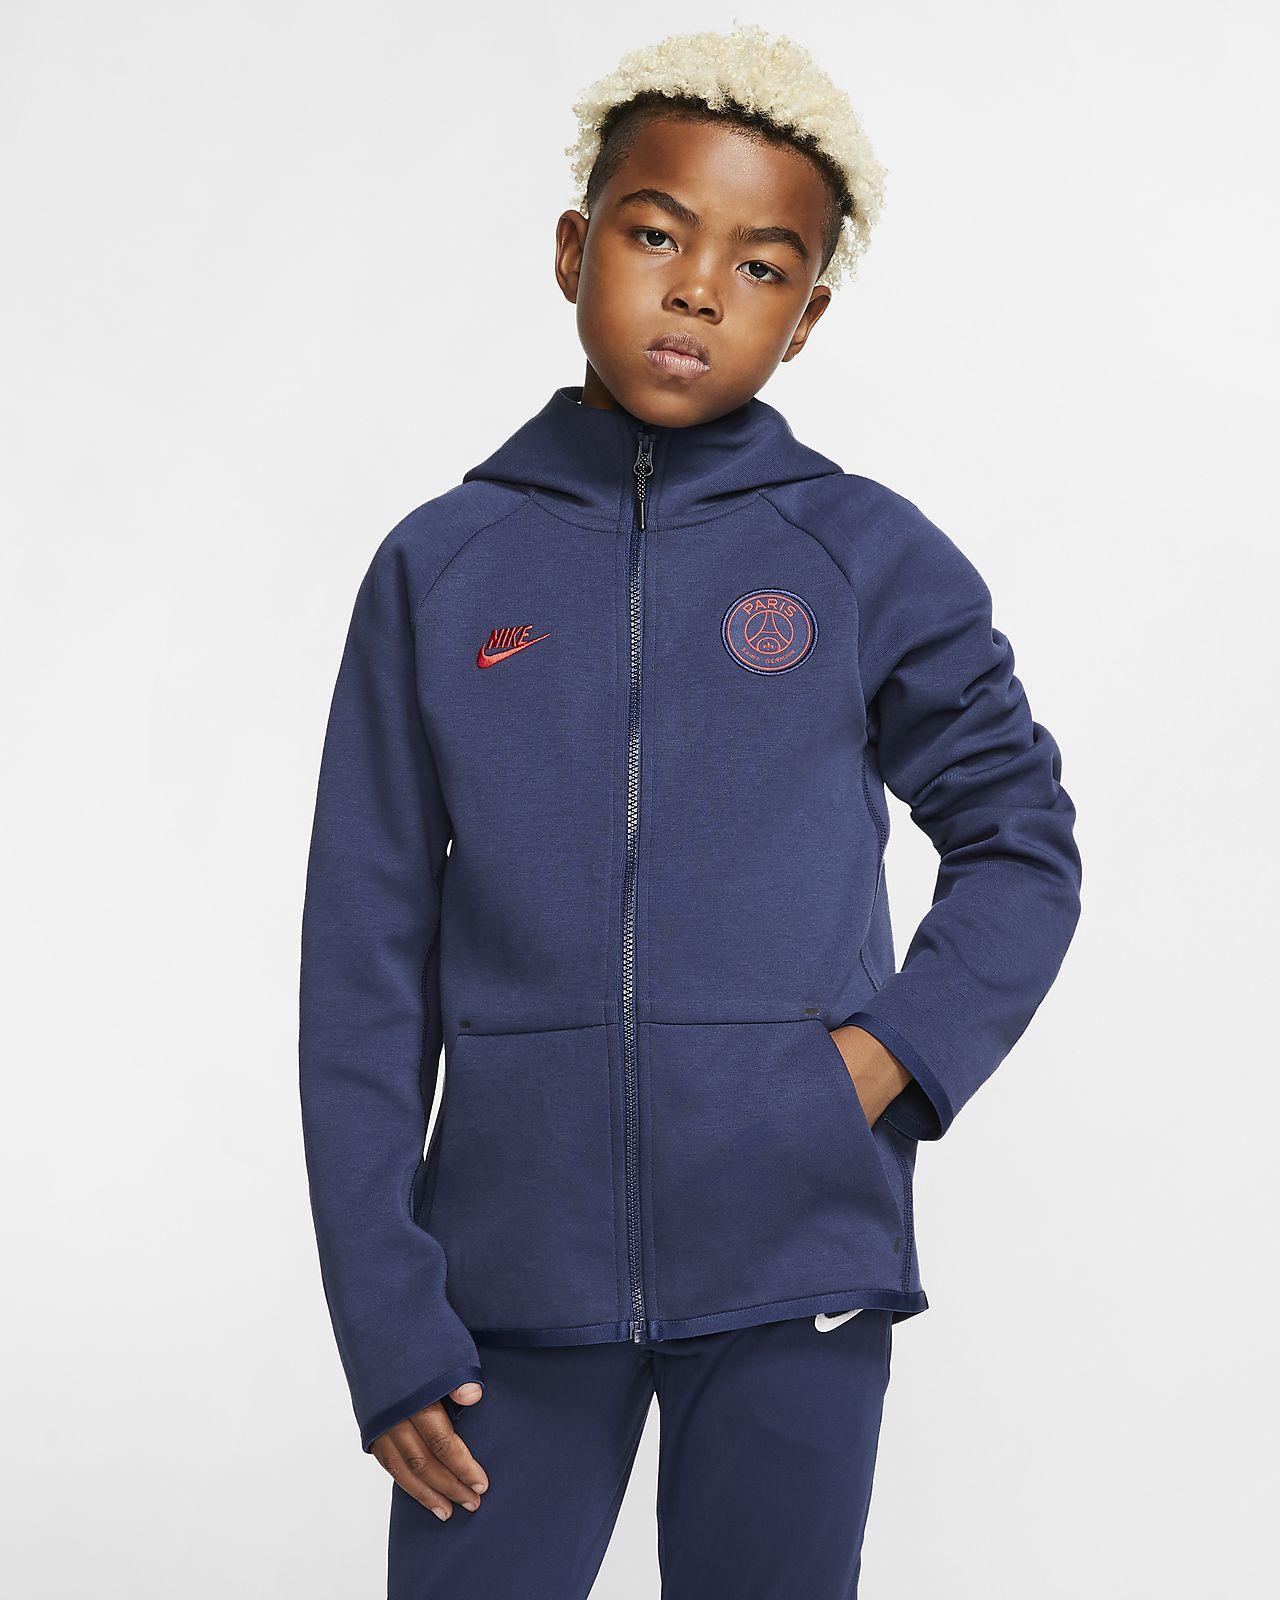 Μπλούζα με κουκούλα και φερμουάρ σε όλο το μήκος Paris Saint-Germain Tech Fleece Essentials για μεγάλα παιδιά